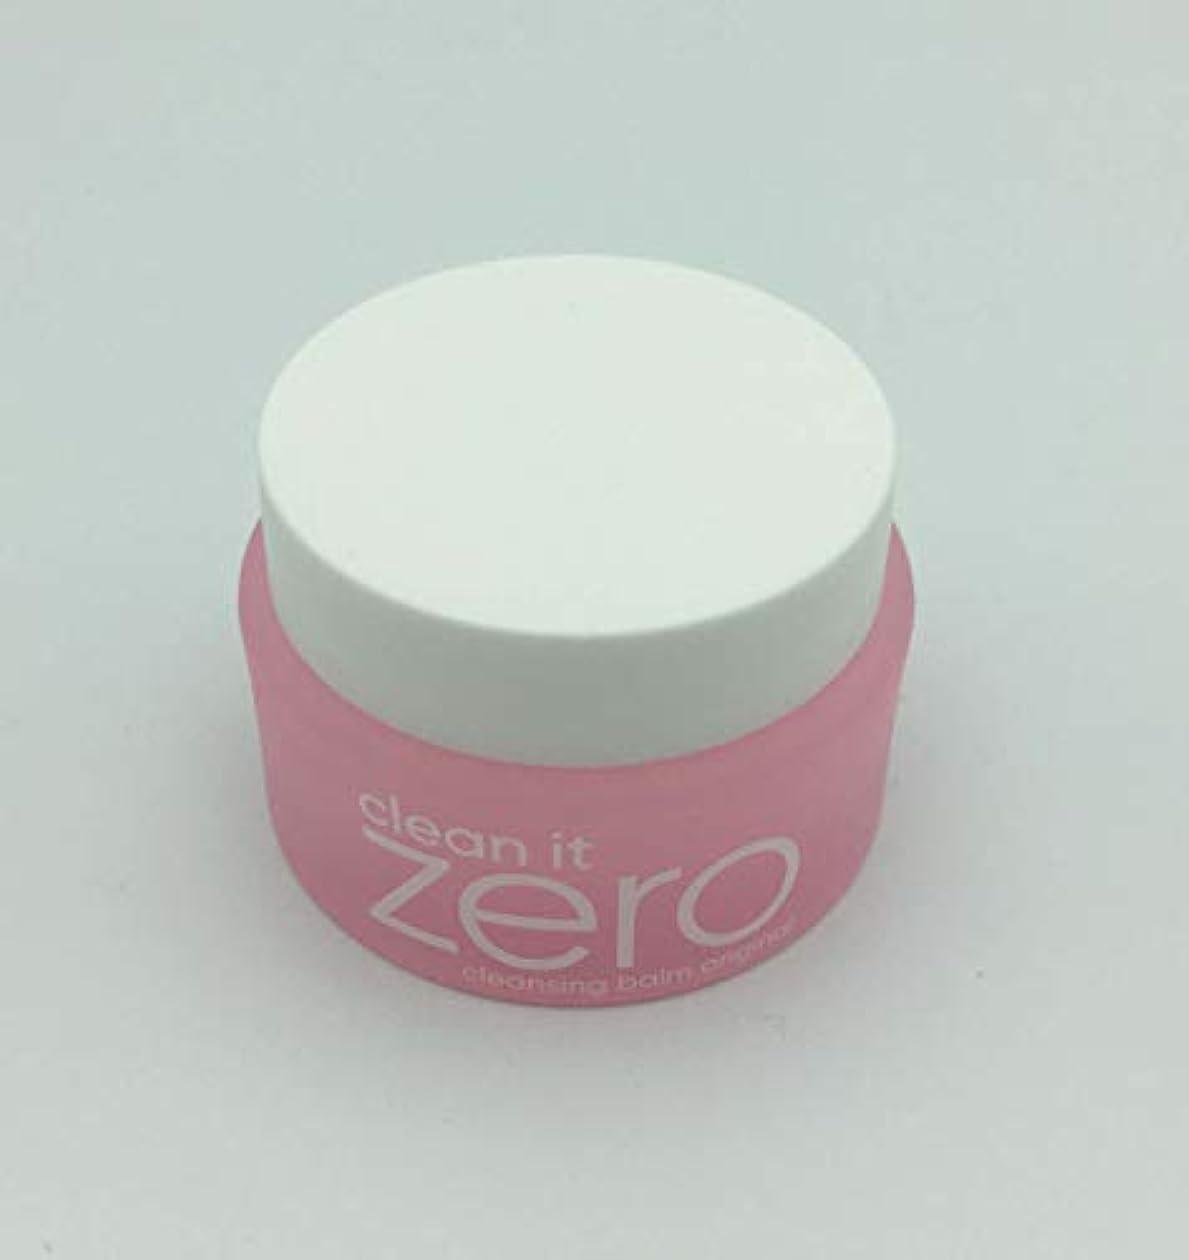 カップ債務同様のバニラコ クリーン イット ゼロ クレンジング バーム オリジナル 25ml / Clean It Zero Cleansing Balm Original 25ml [並行輸入品]